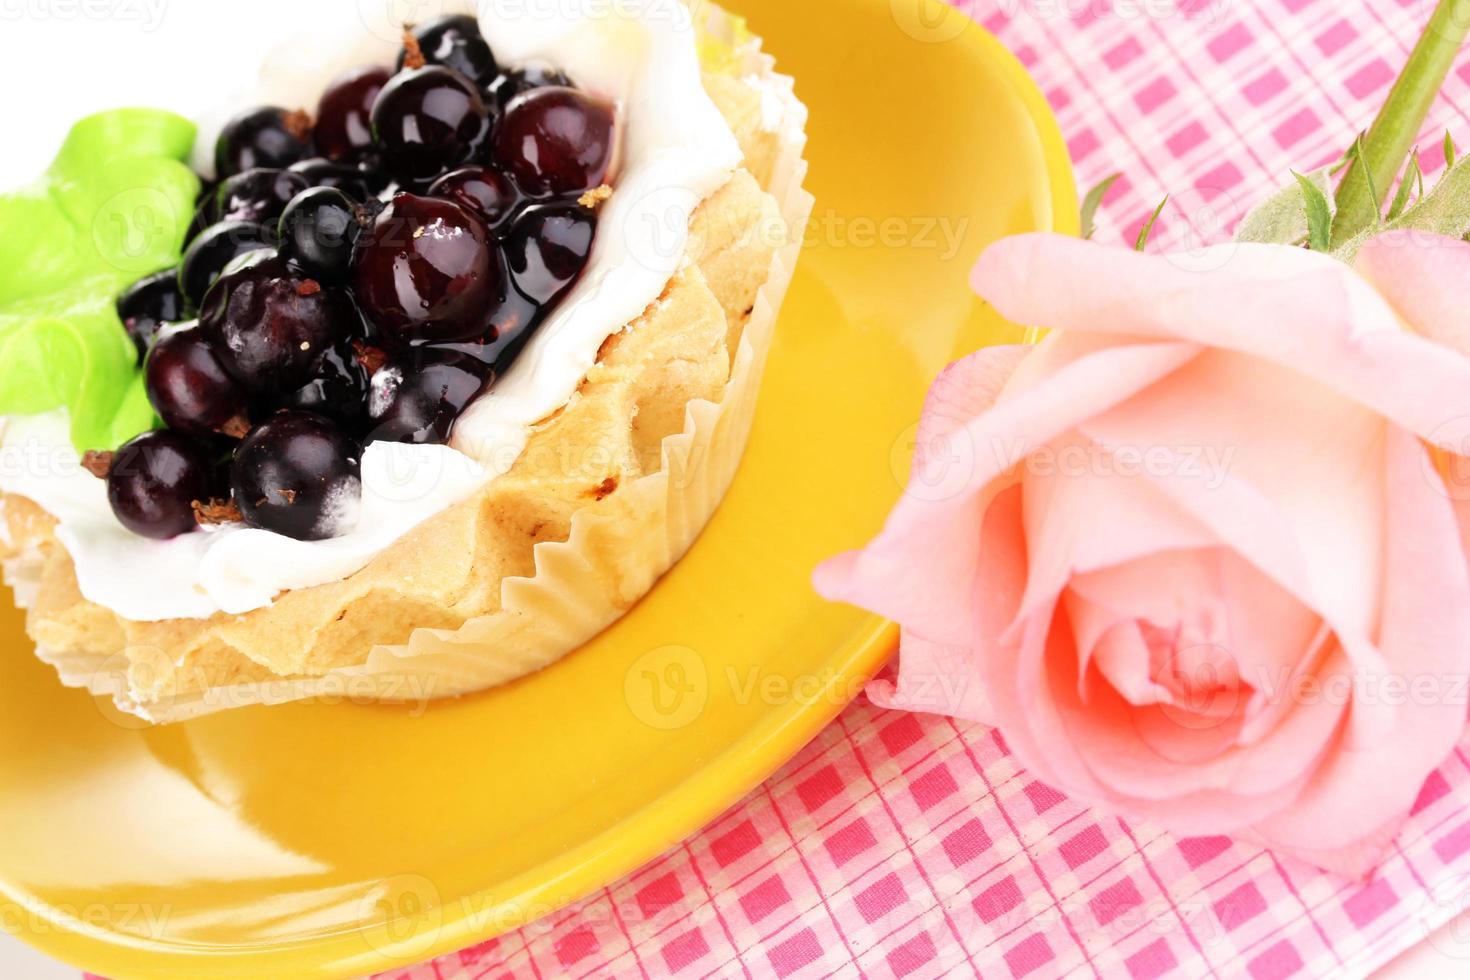 bolo doce com uma xícara de chá close-up foto